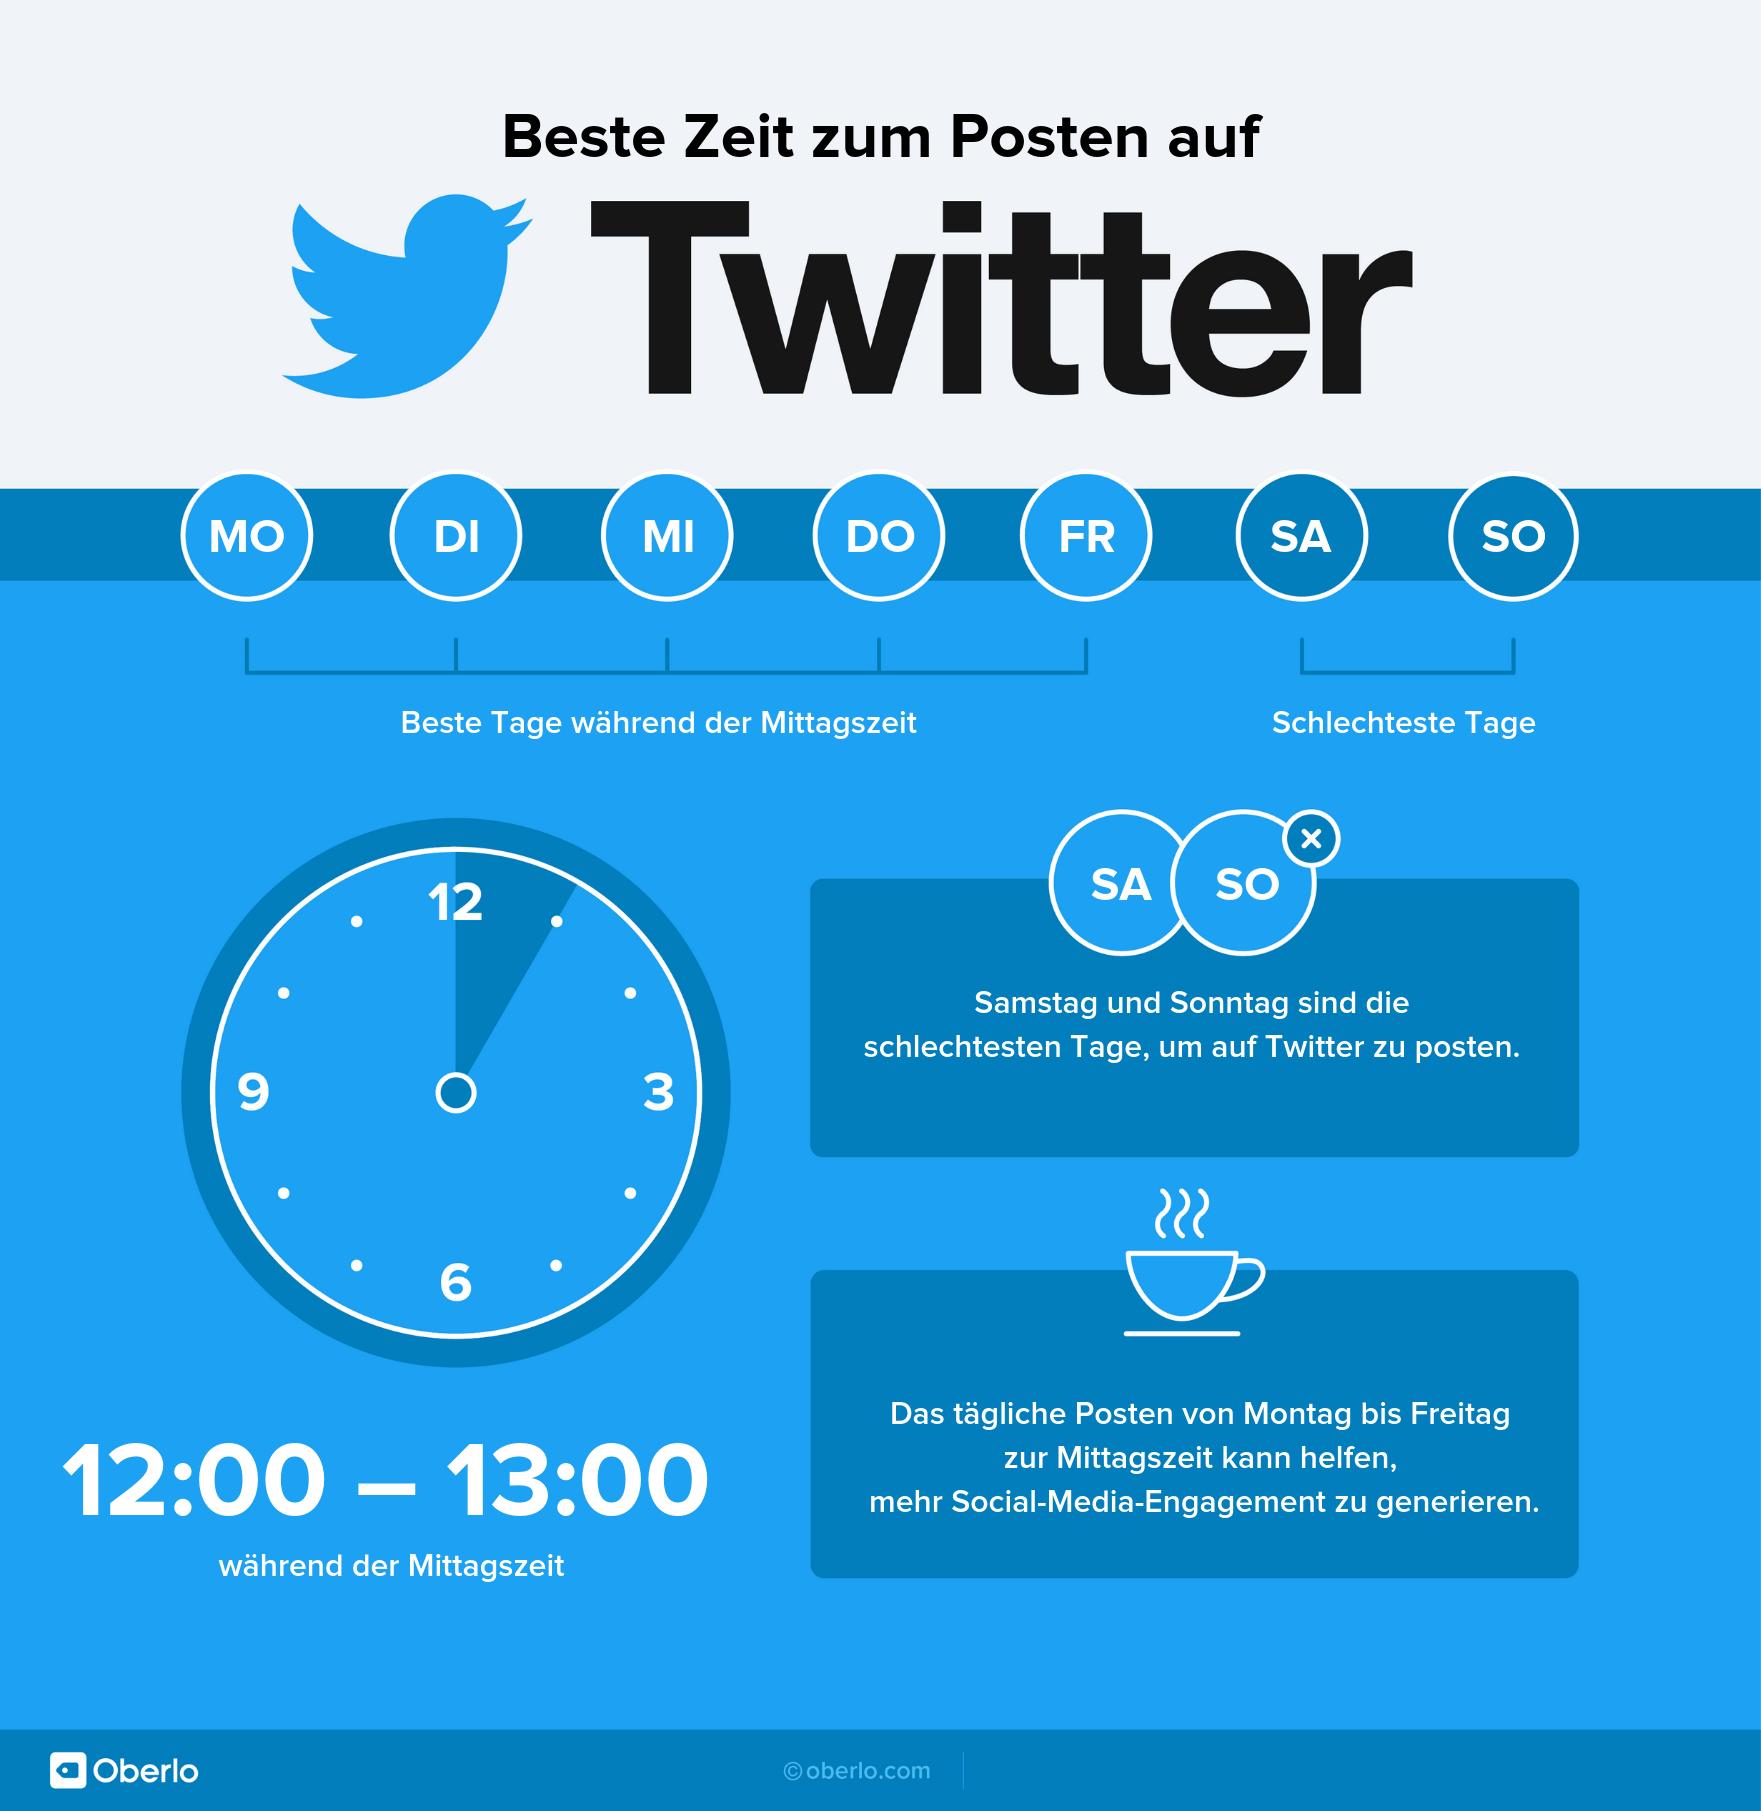 Die beste Zeit zum Posten - Twitter Infografik